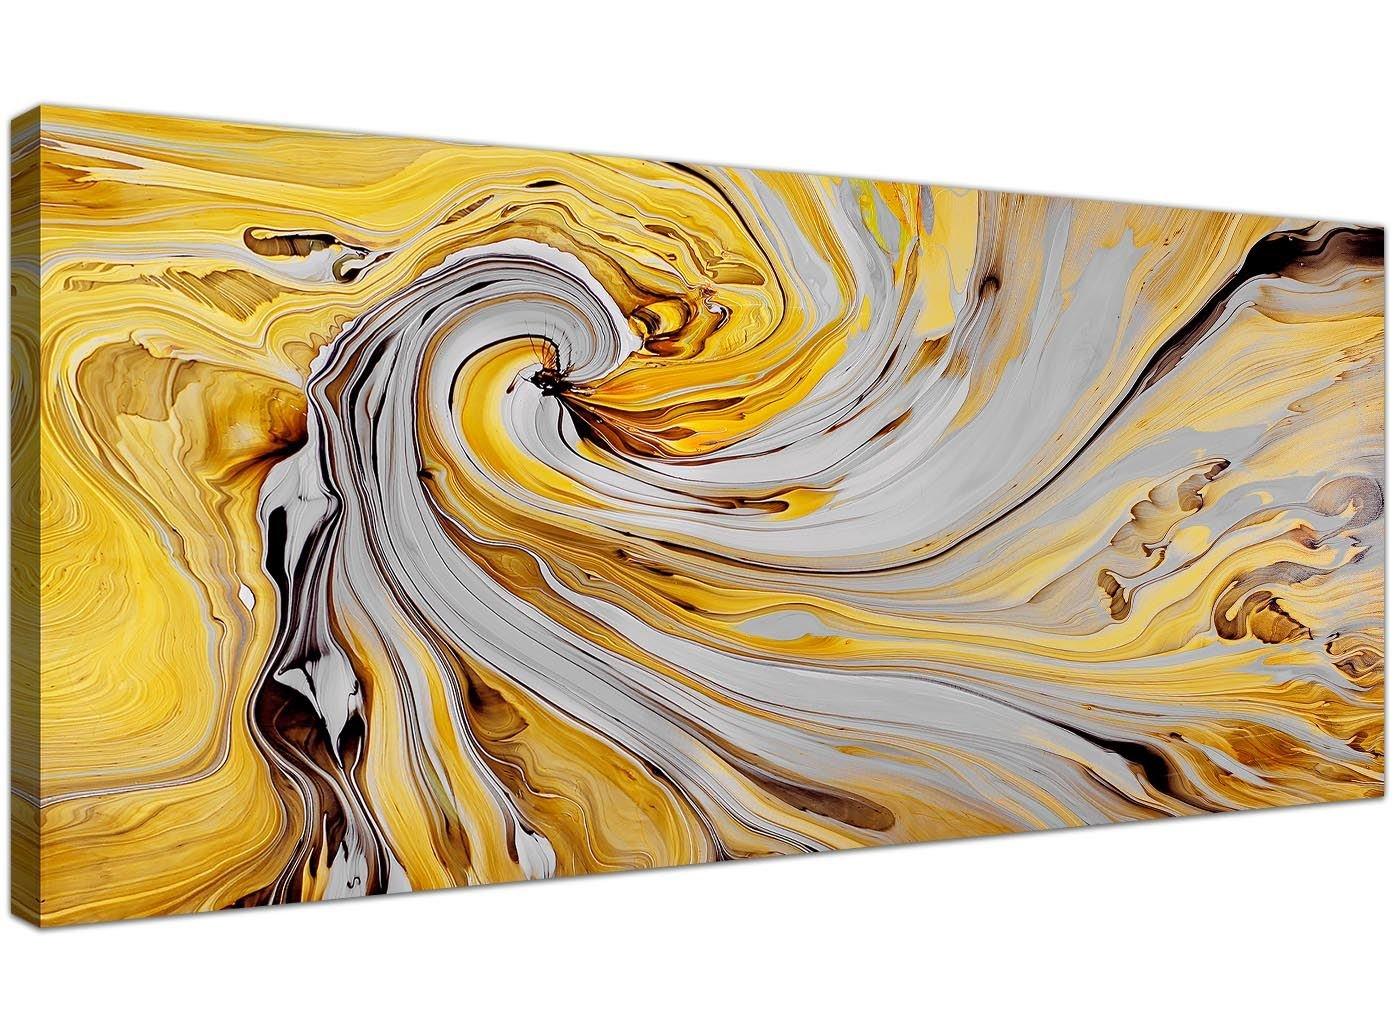 Mustard Artwork